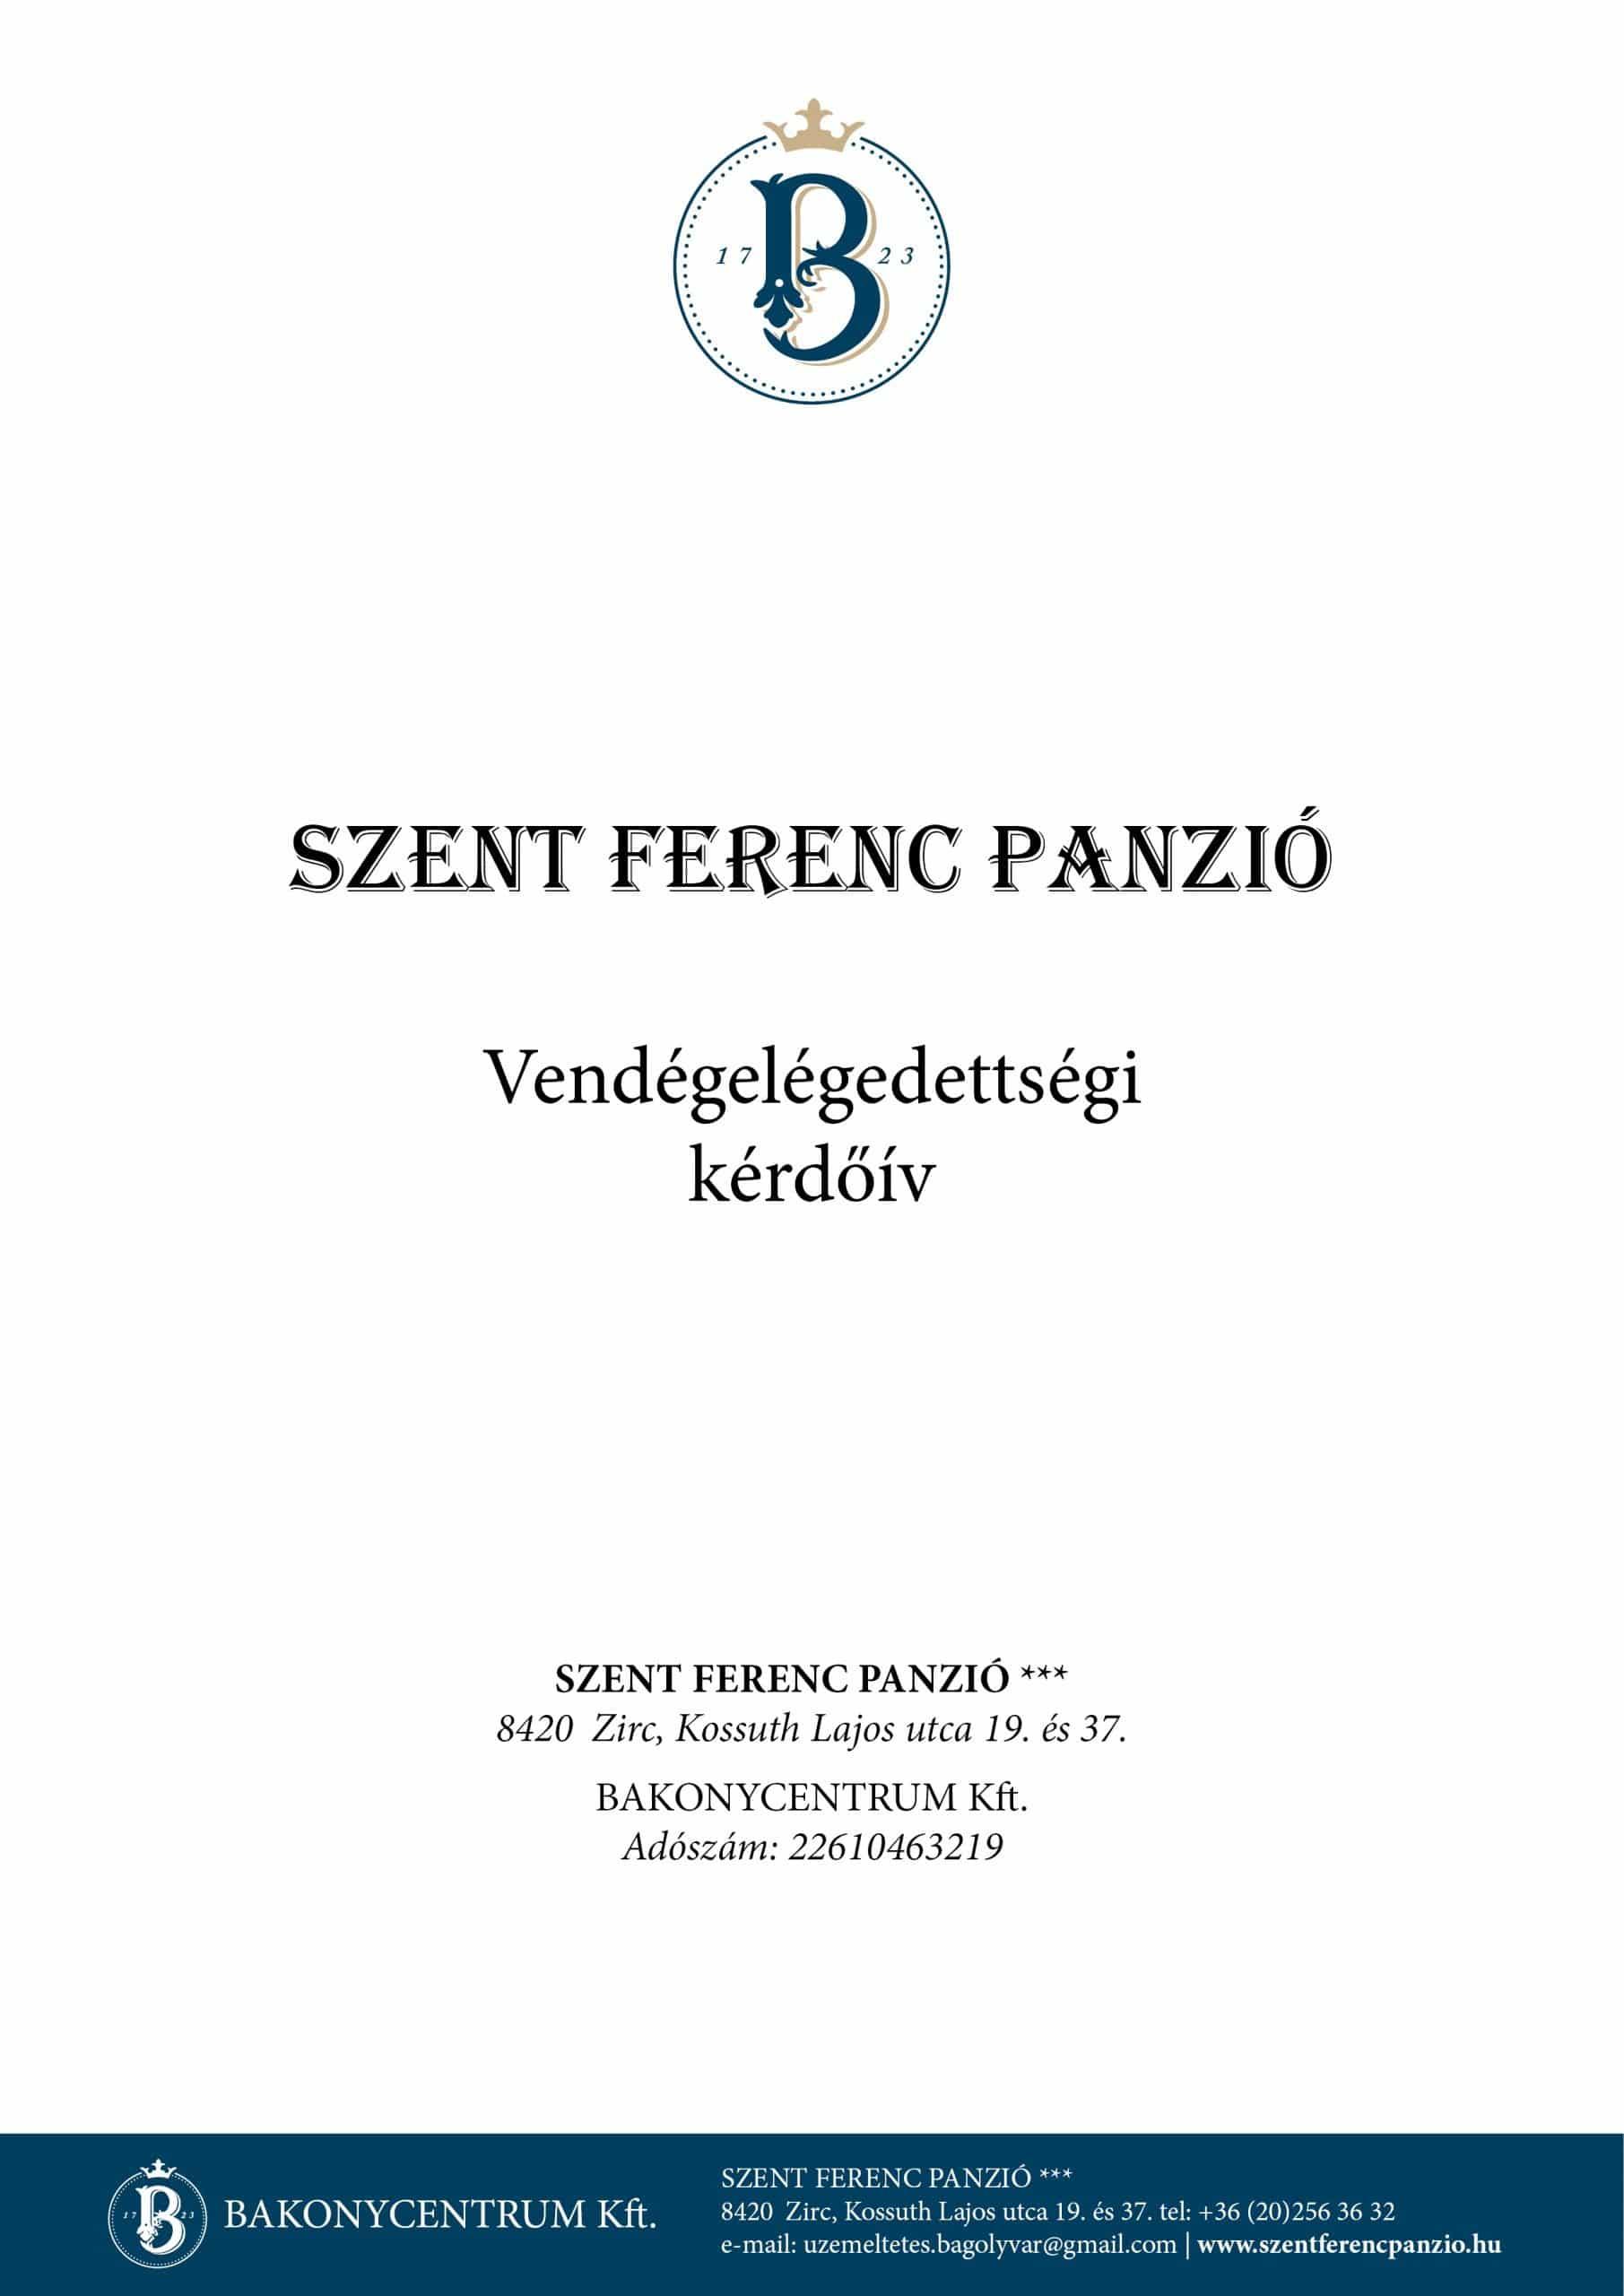 Szent Ferenc Panzió - Vendégelégedettségi